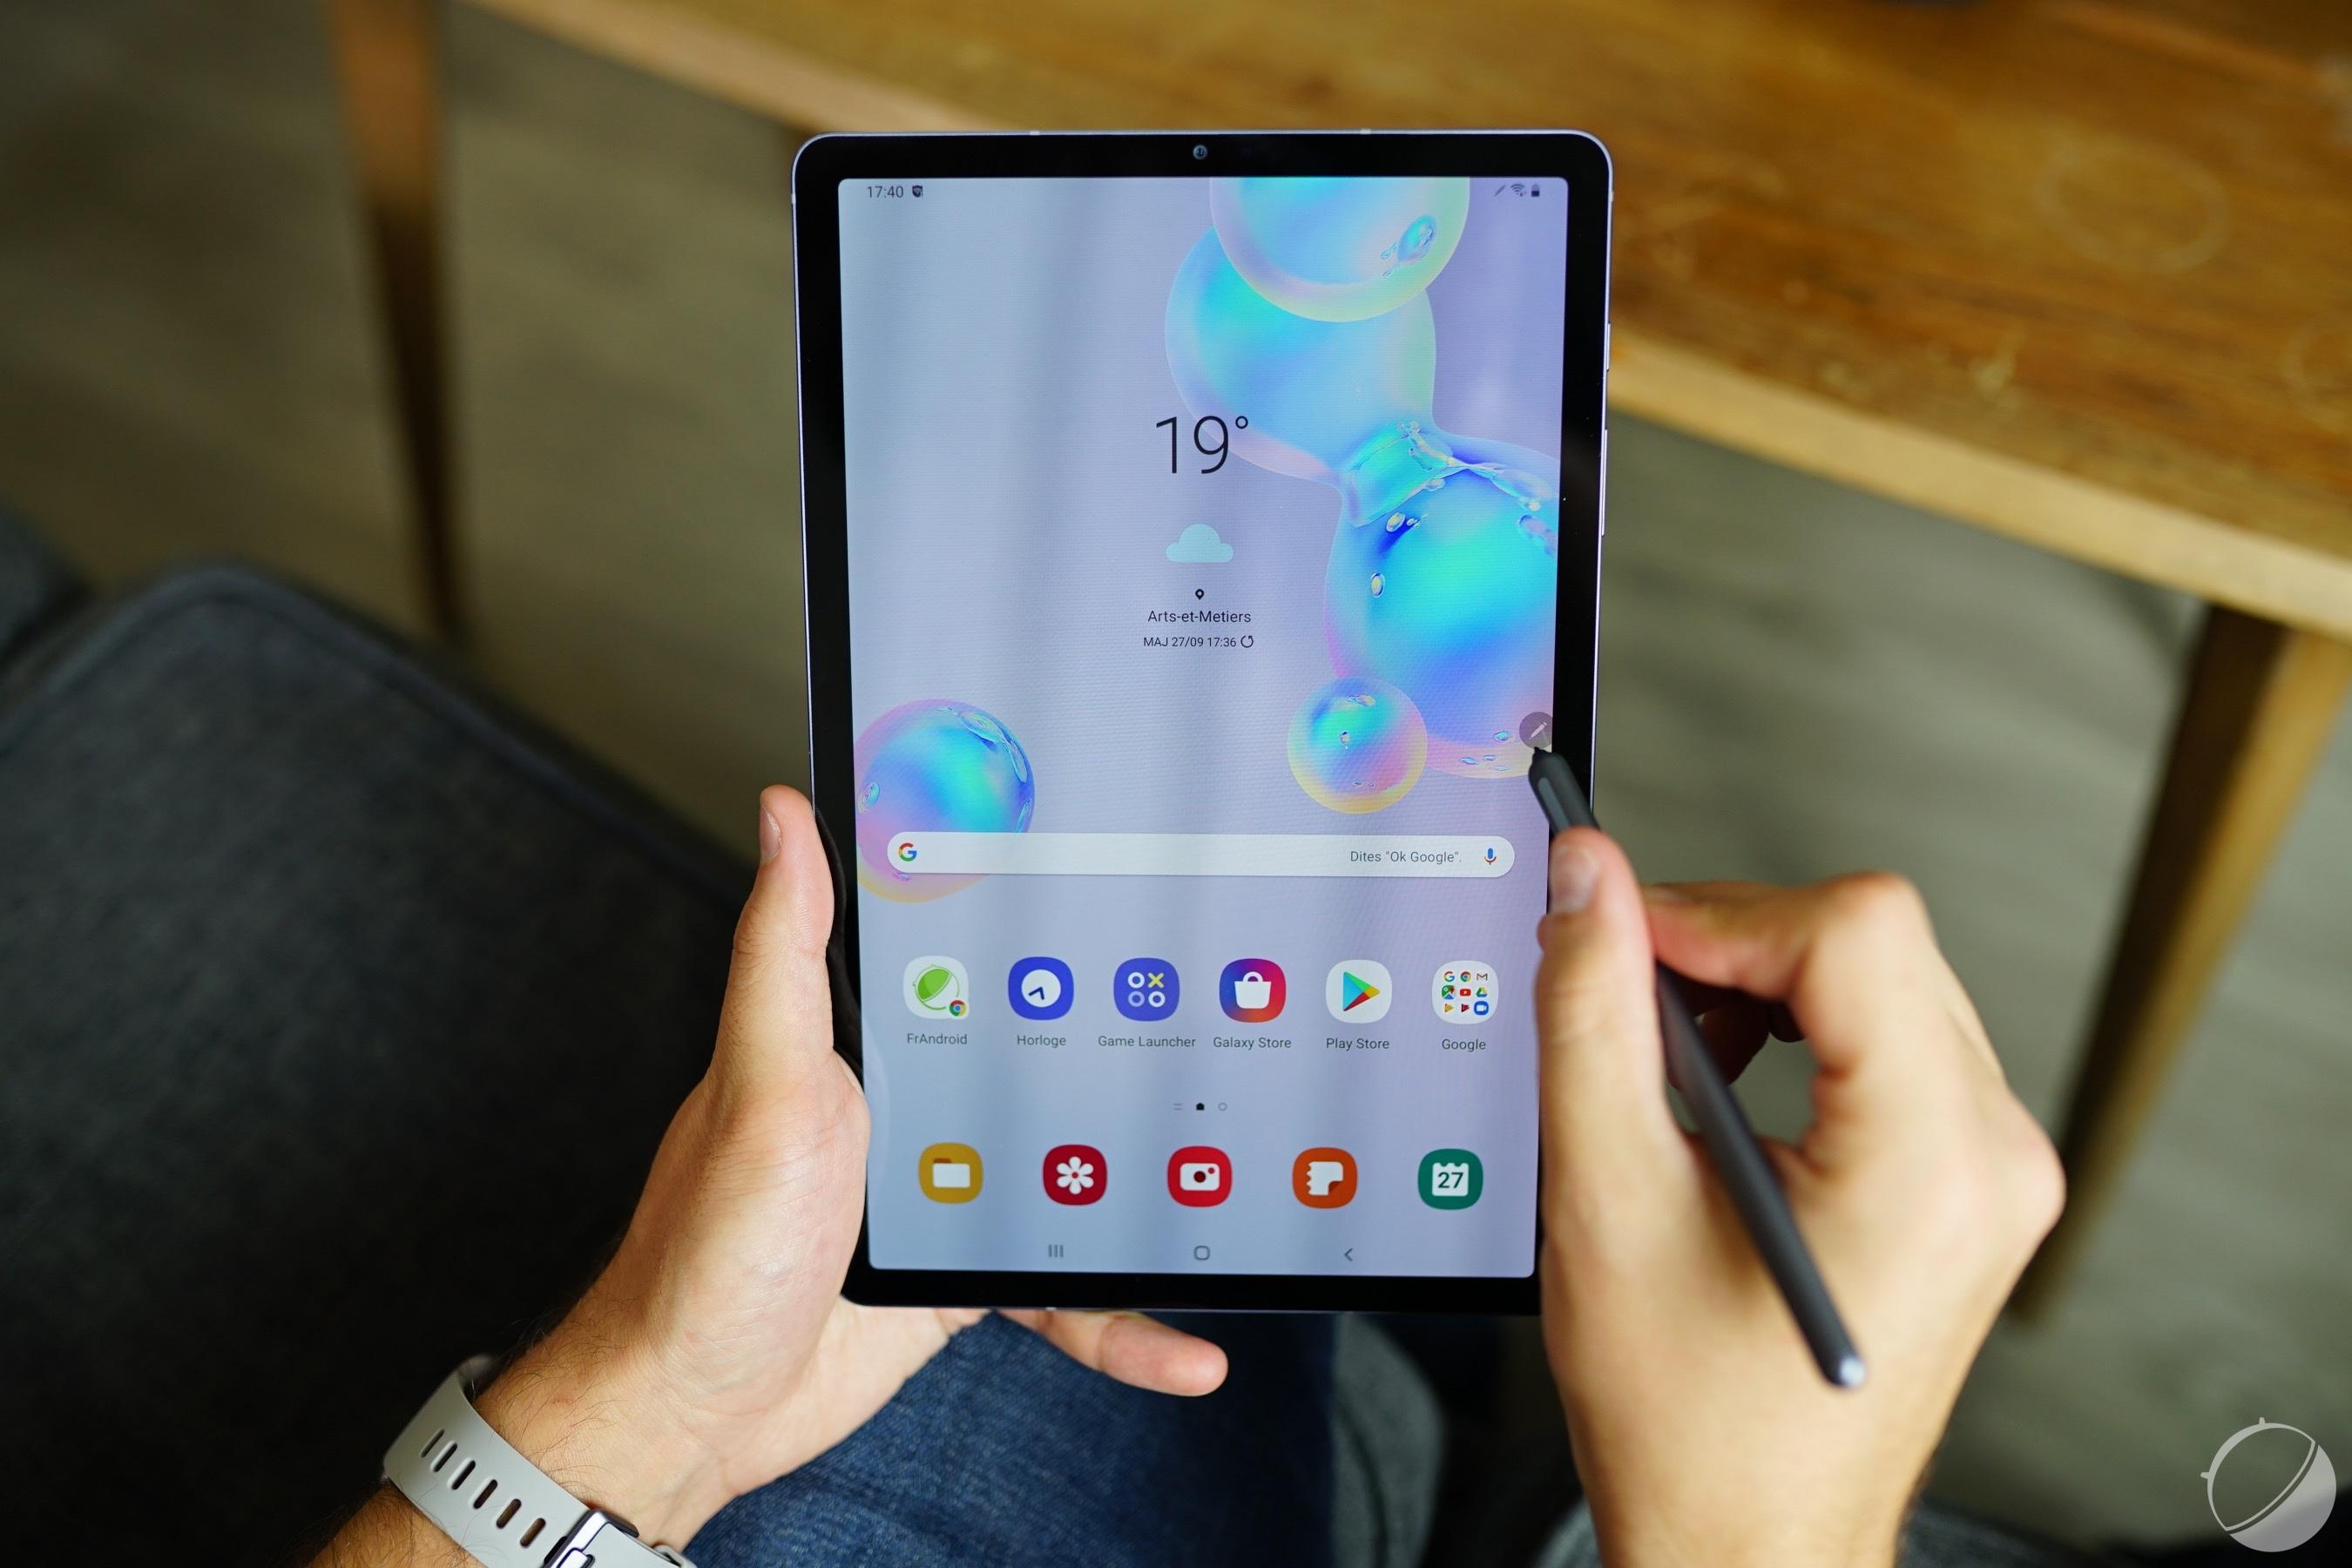 Samsung préparerait une nouvelle tablette Galaxy Tab A4 S milieu de gamme